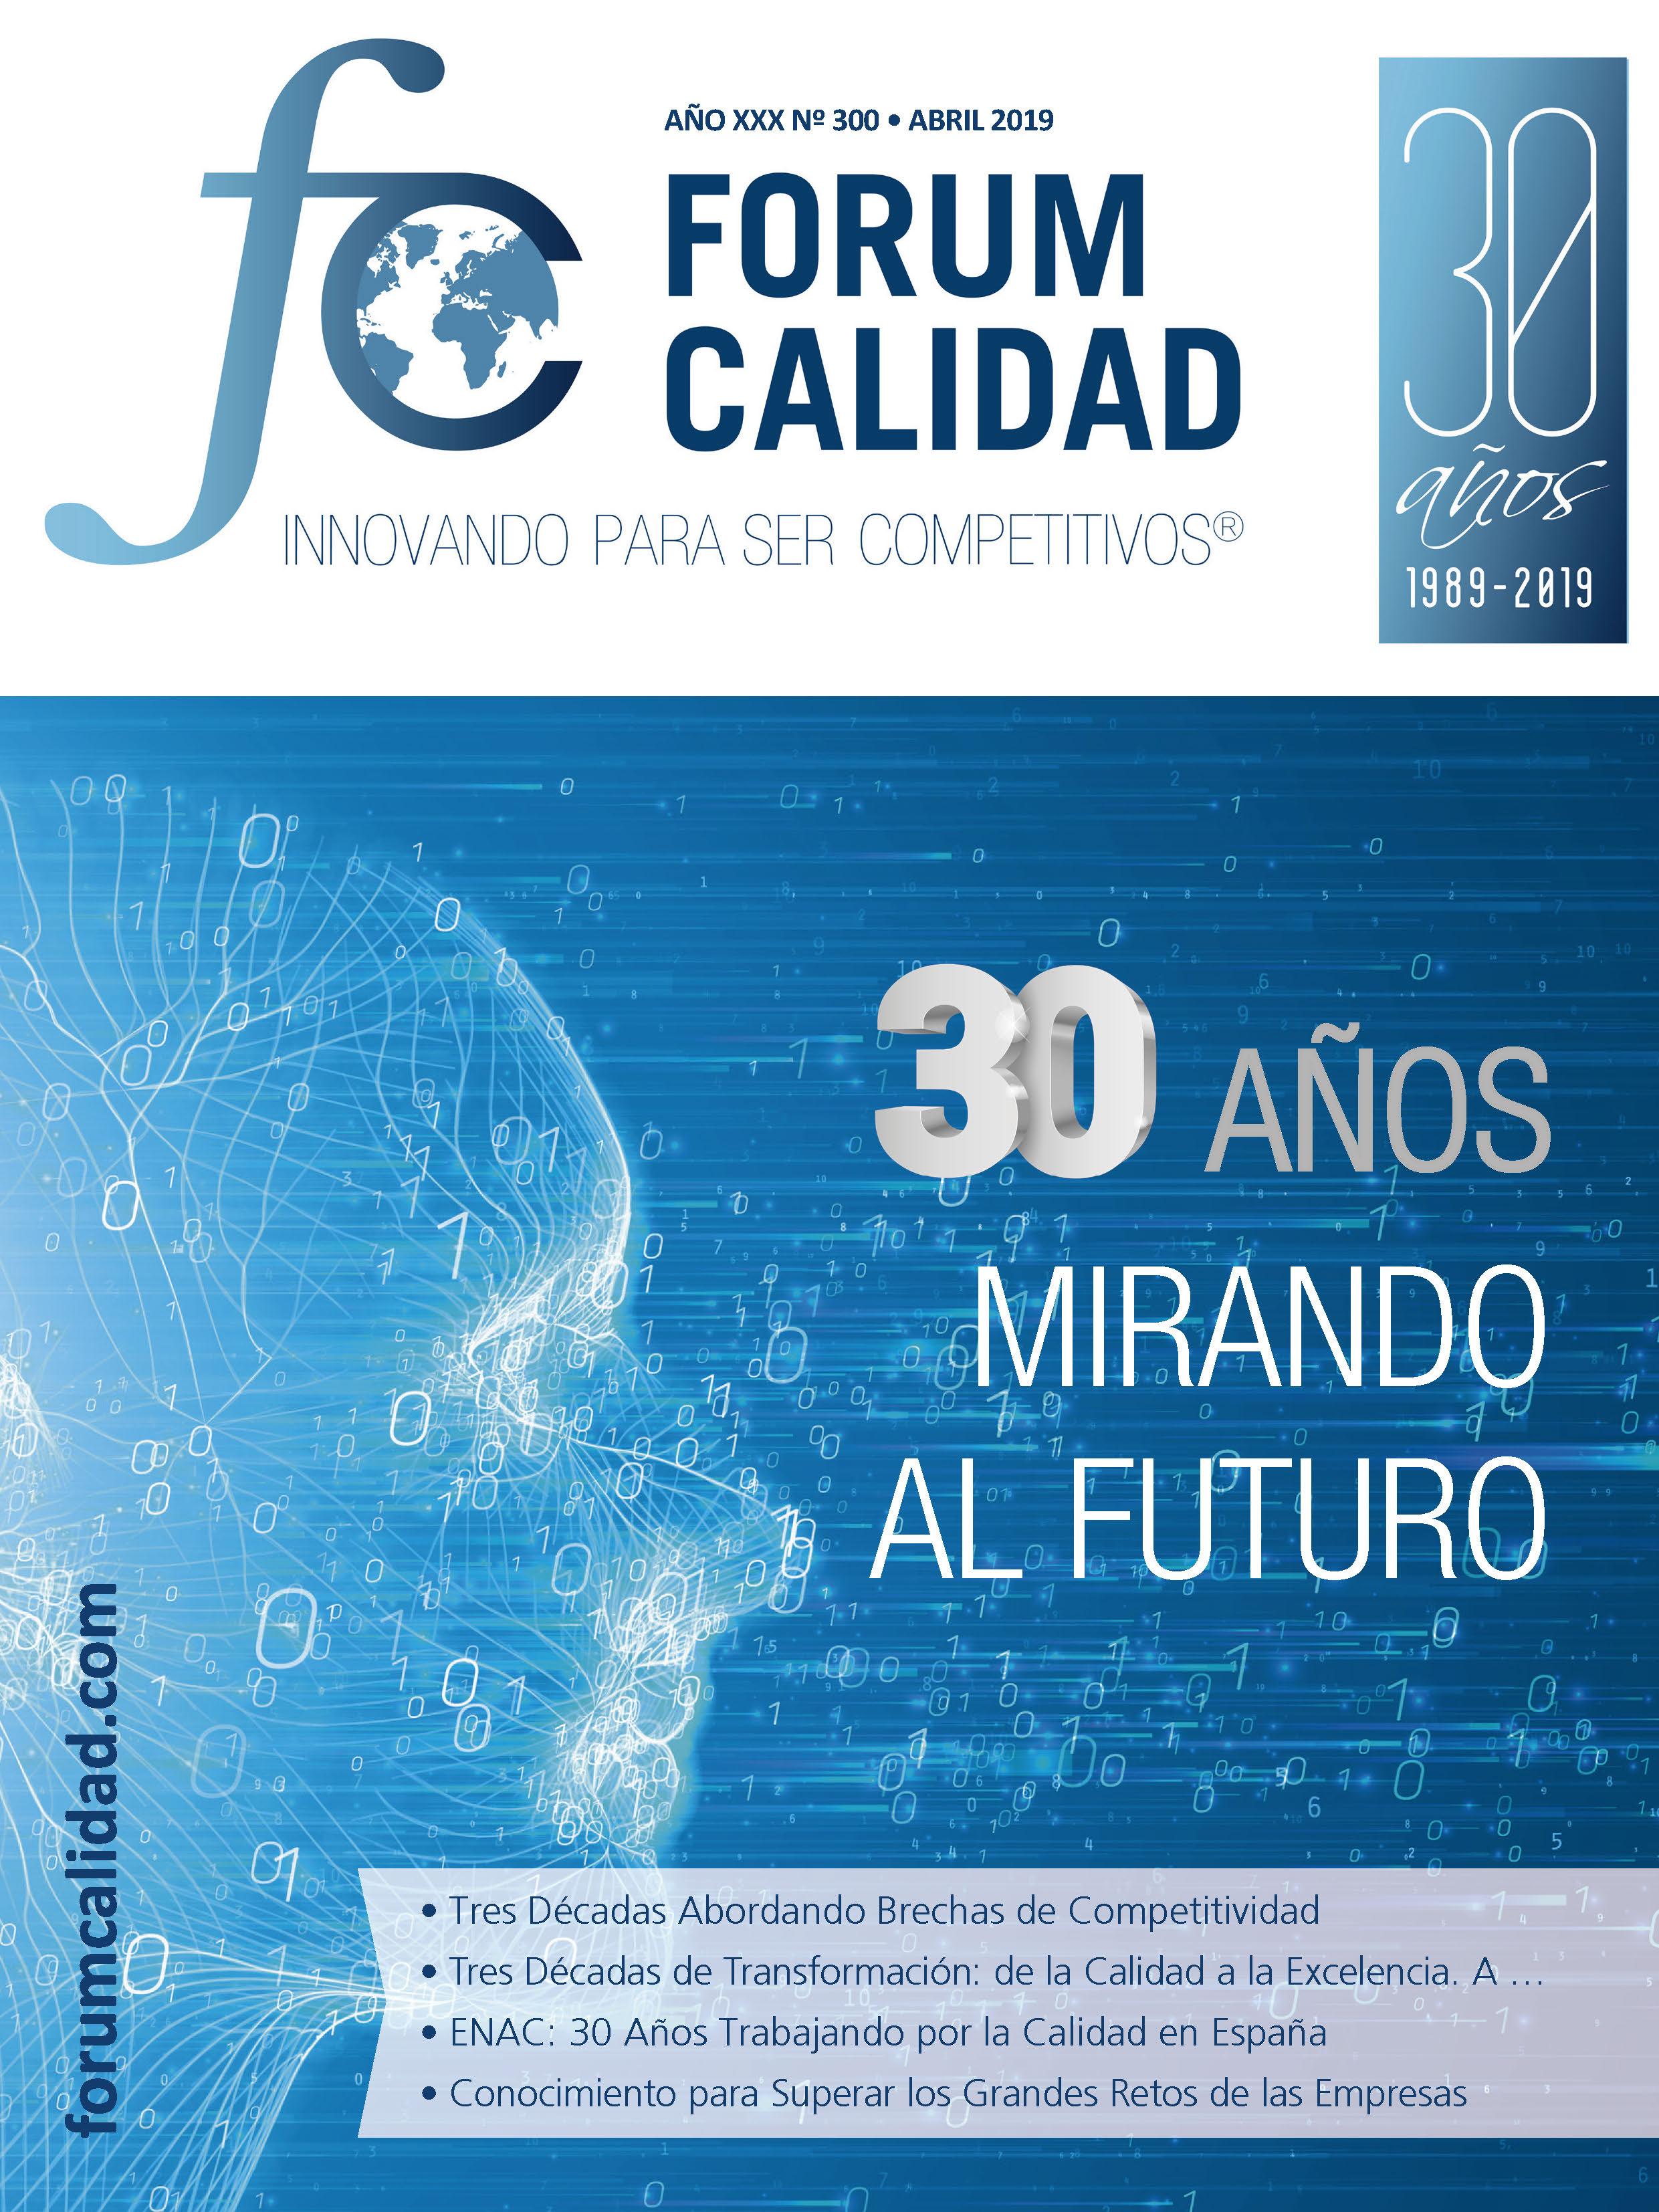 Forum Calidad nº 300 Abril 2019 – 30 Aniversario